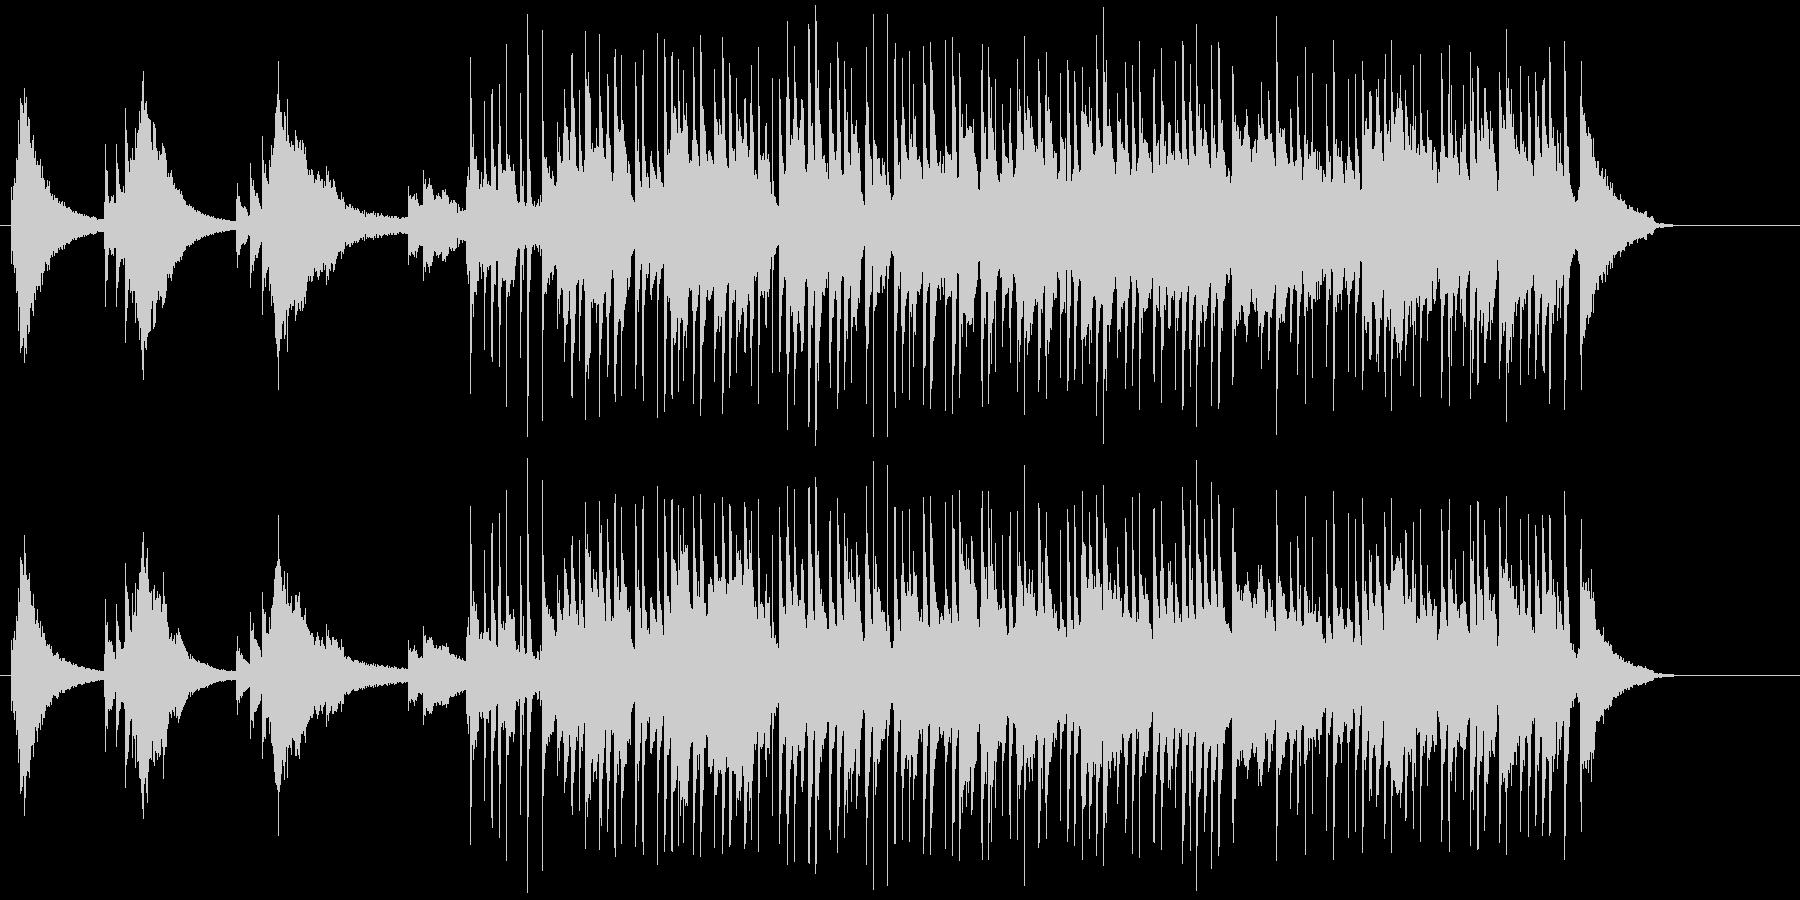 色彩感を強めた流麗なボサノヴァ・サウンドの未再生の波形